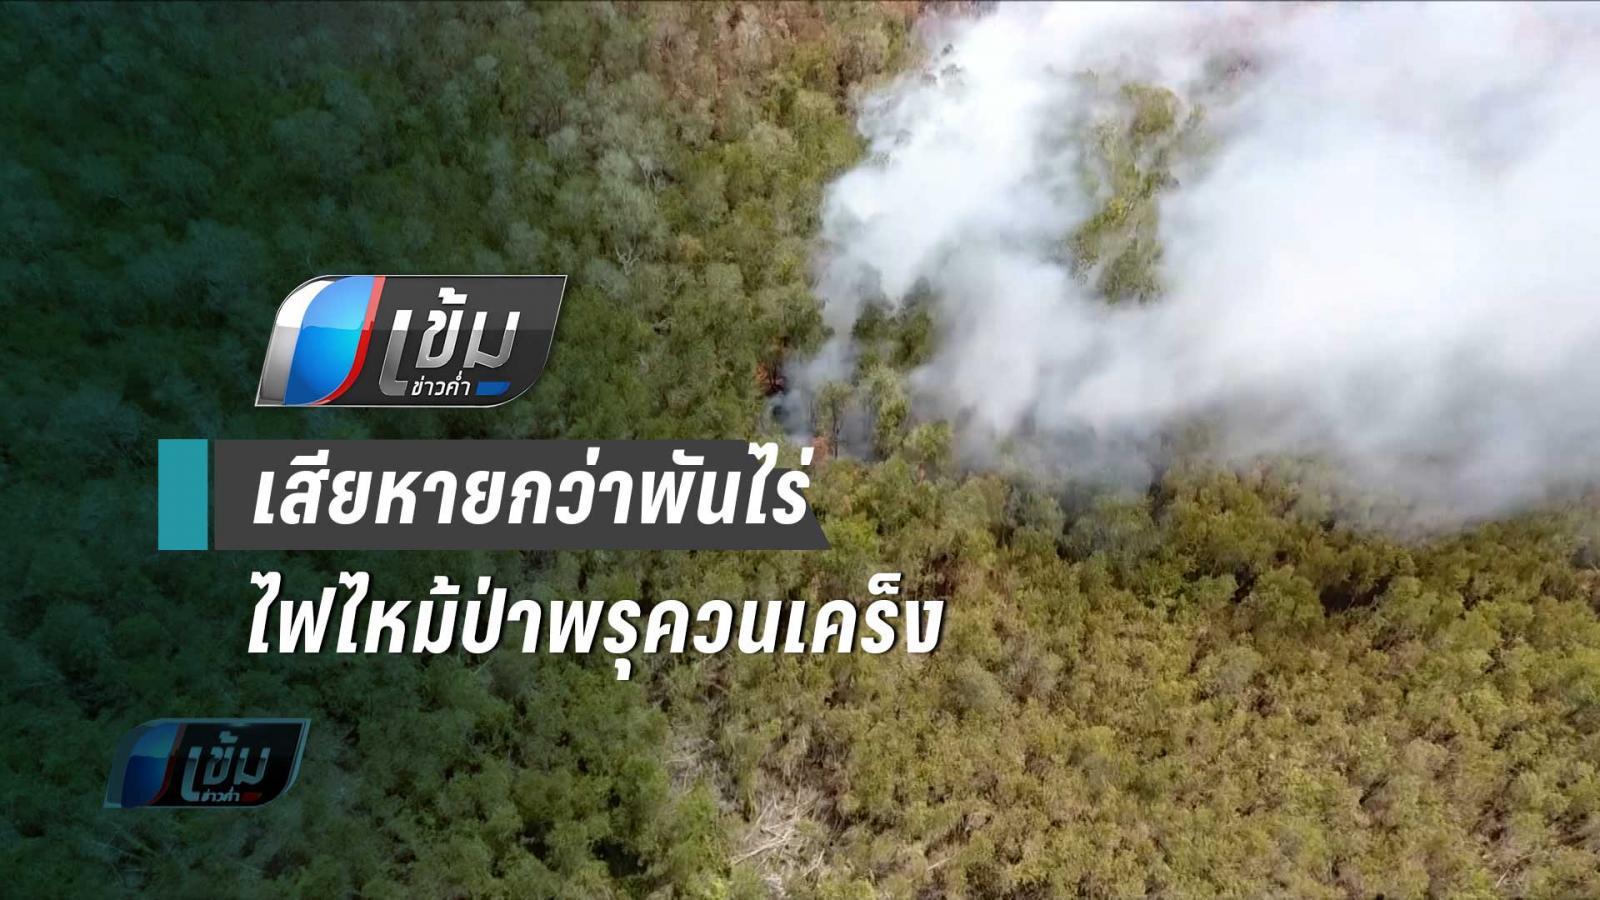 ยังคุมไม่อยู่! ไฟผลาญป่าพรุควนเคร็ง เสียหายกว่า 1 พันไร่